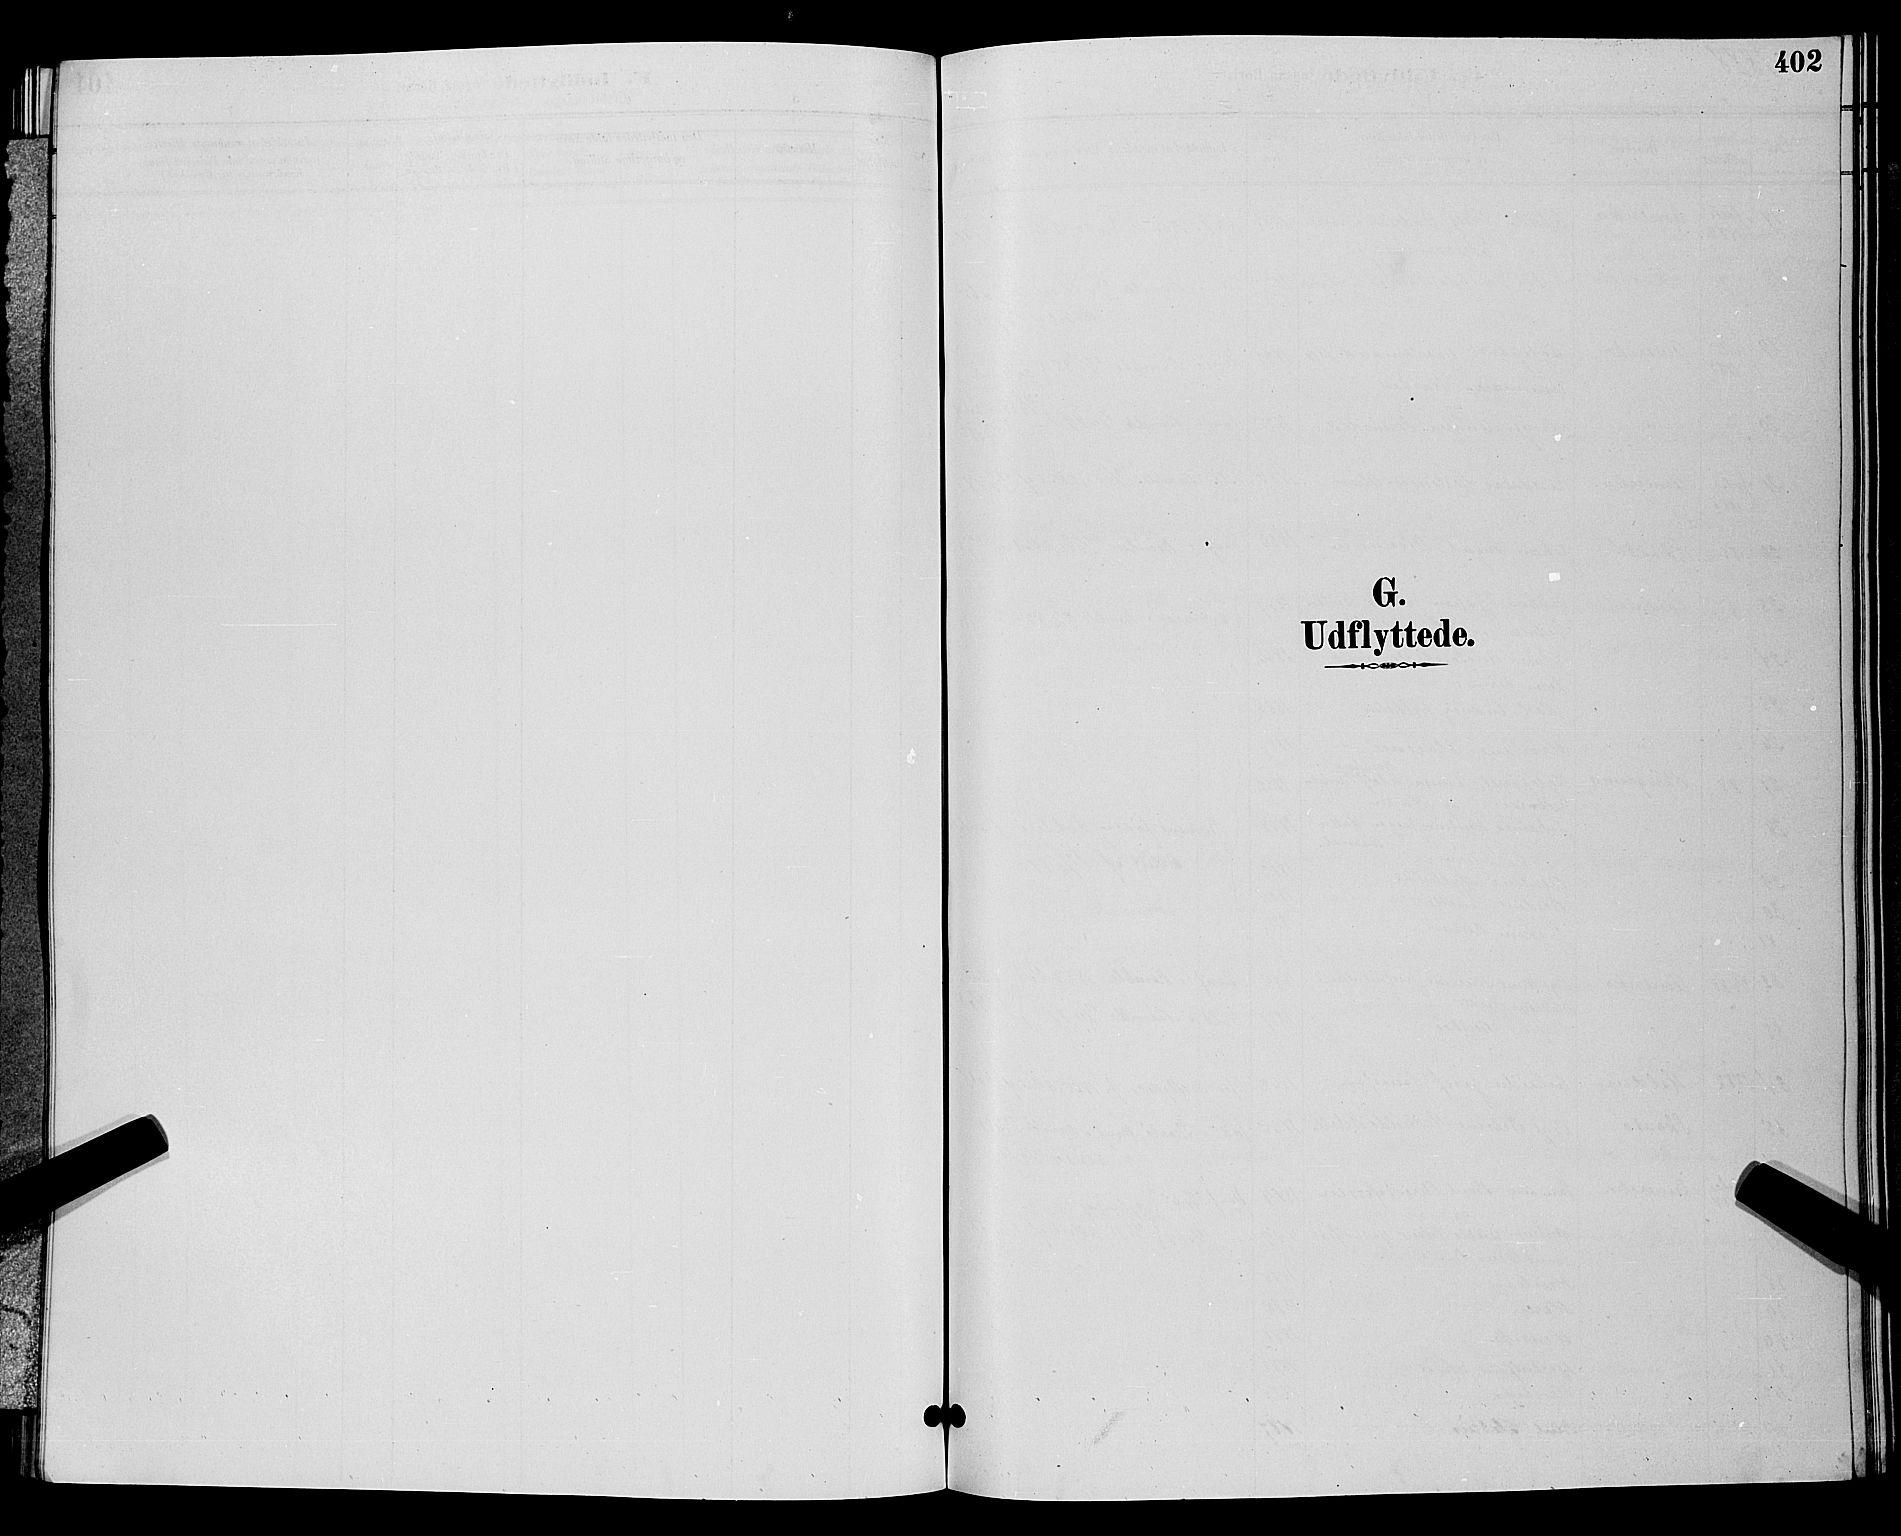 SAKO, Bamble kirkebøker, G/Ga/L0009: Klokkerbok nr. I 9, 1888-1900, s. 402